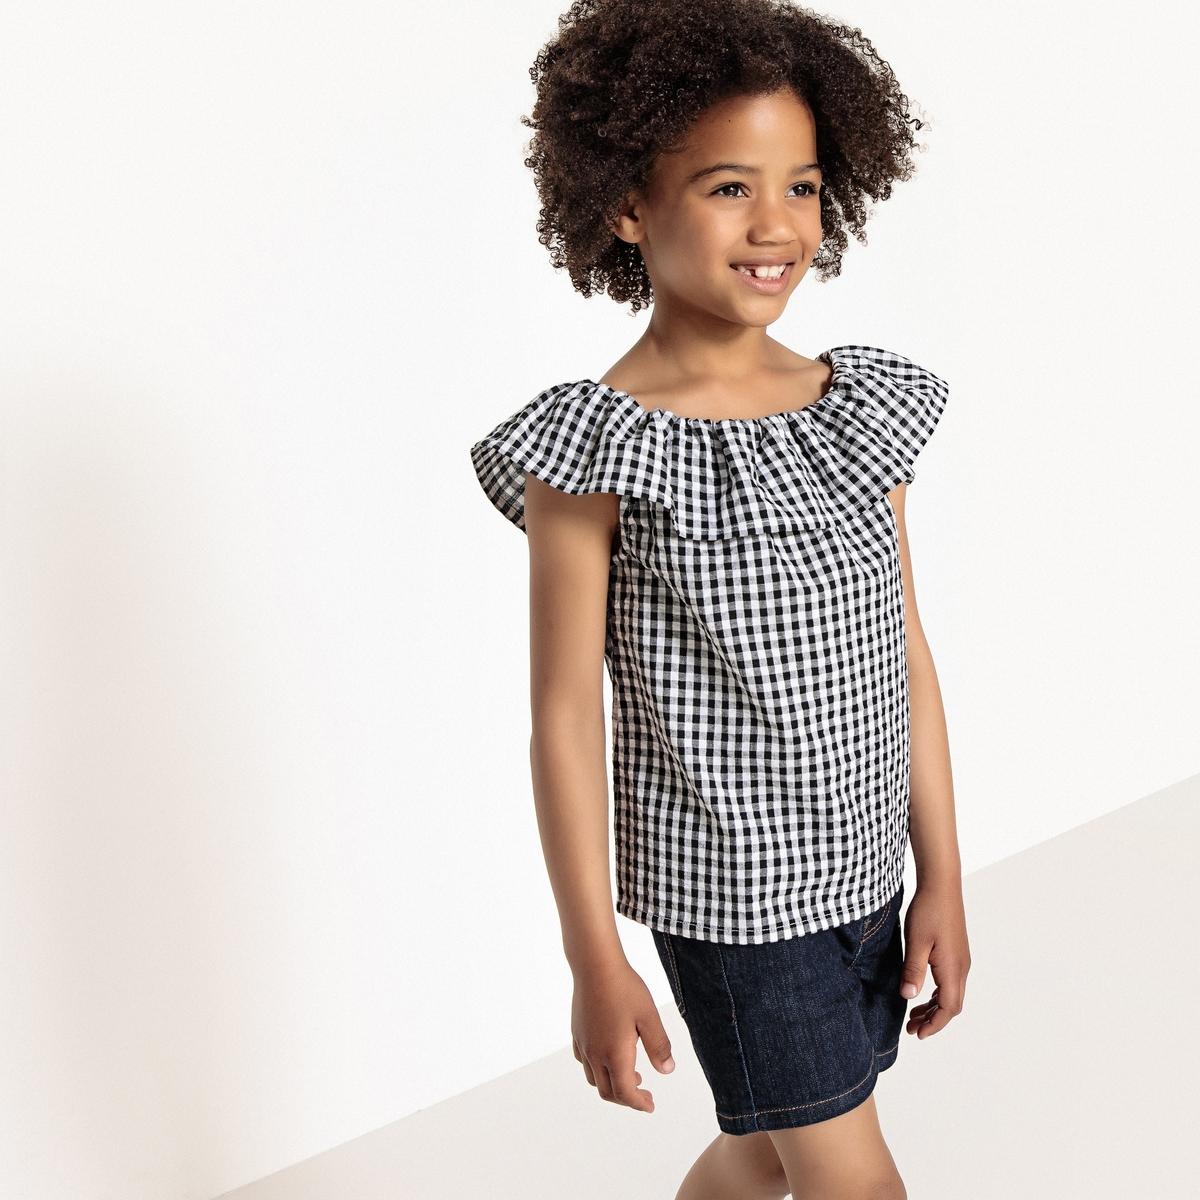 Блузка с вырезом-лодочкой в клетку 3-12 ans шорты с 3 12 ans